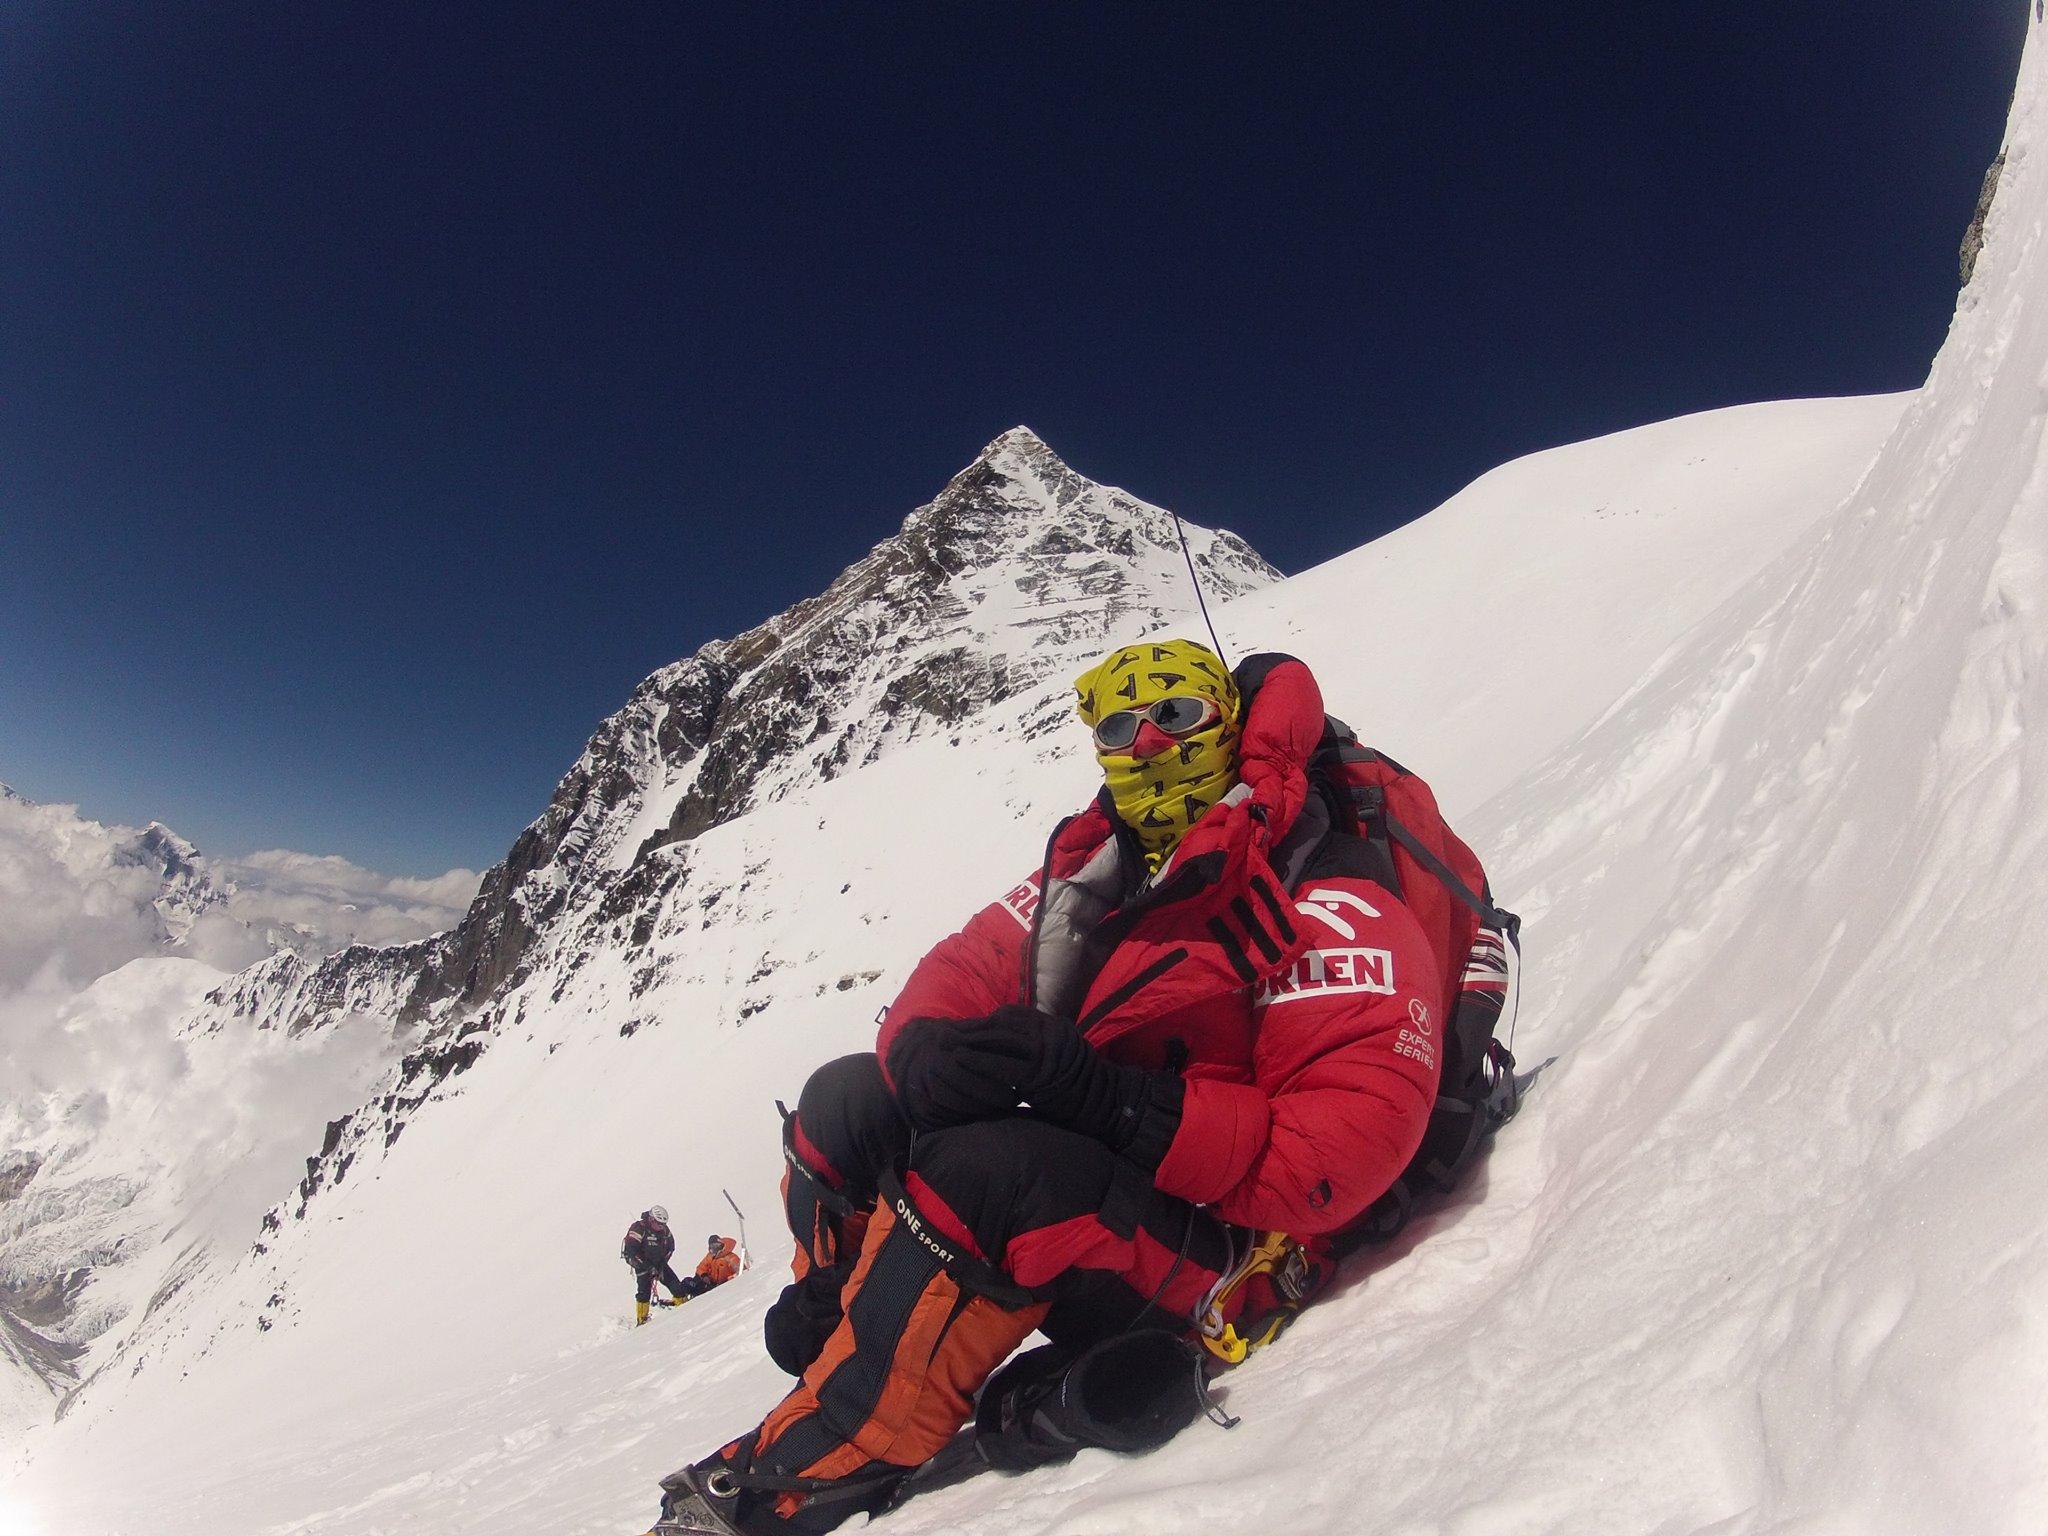 Agnieszka Bielecka na zachodniej ścianie Lhotse, wrzesień 2012, fot. archiwum prywatne